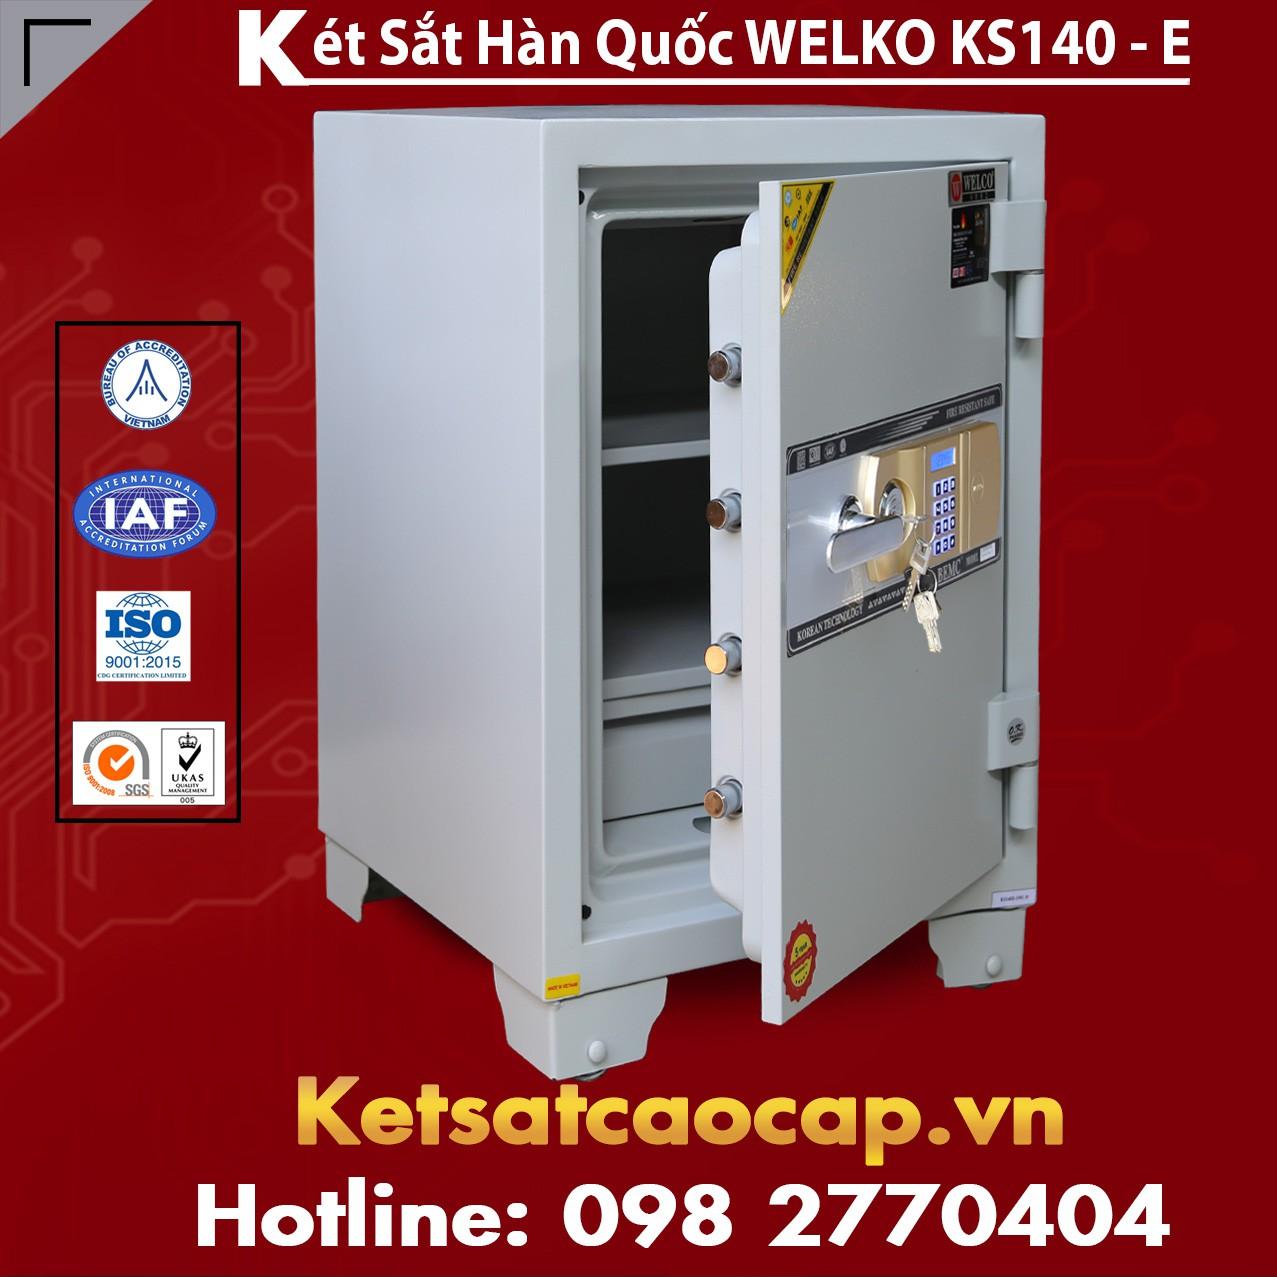 Két Sắt Văn Phòng WELKO KS140 White - E Gold